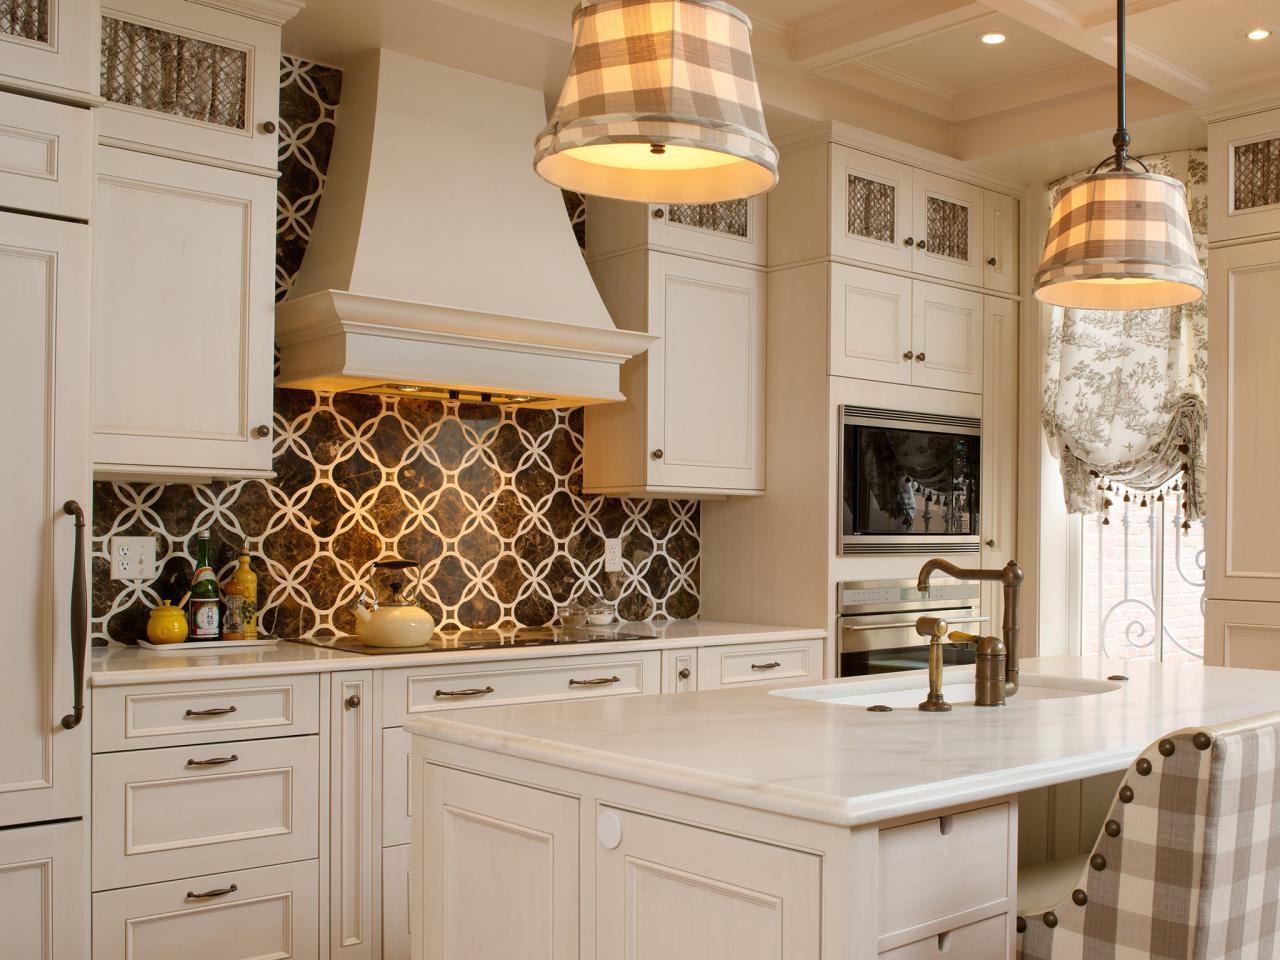 dp_shazalynn-cavin-Winfrey-køkken-backsplash-design-ideas_s4x3-jpg-rend-hgtvcom-1280-960